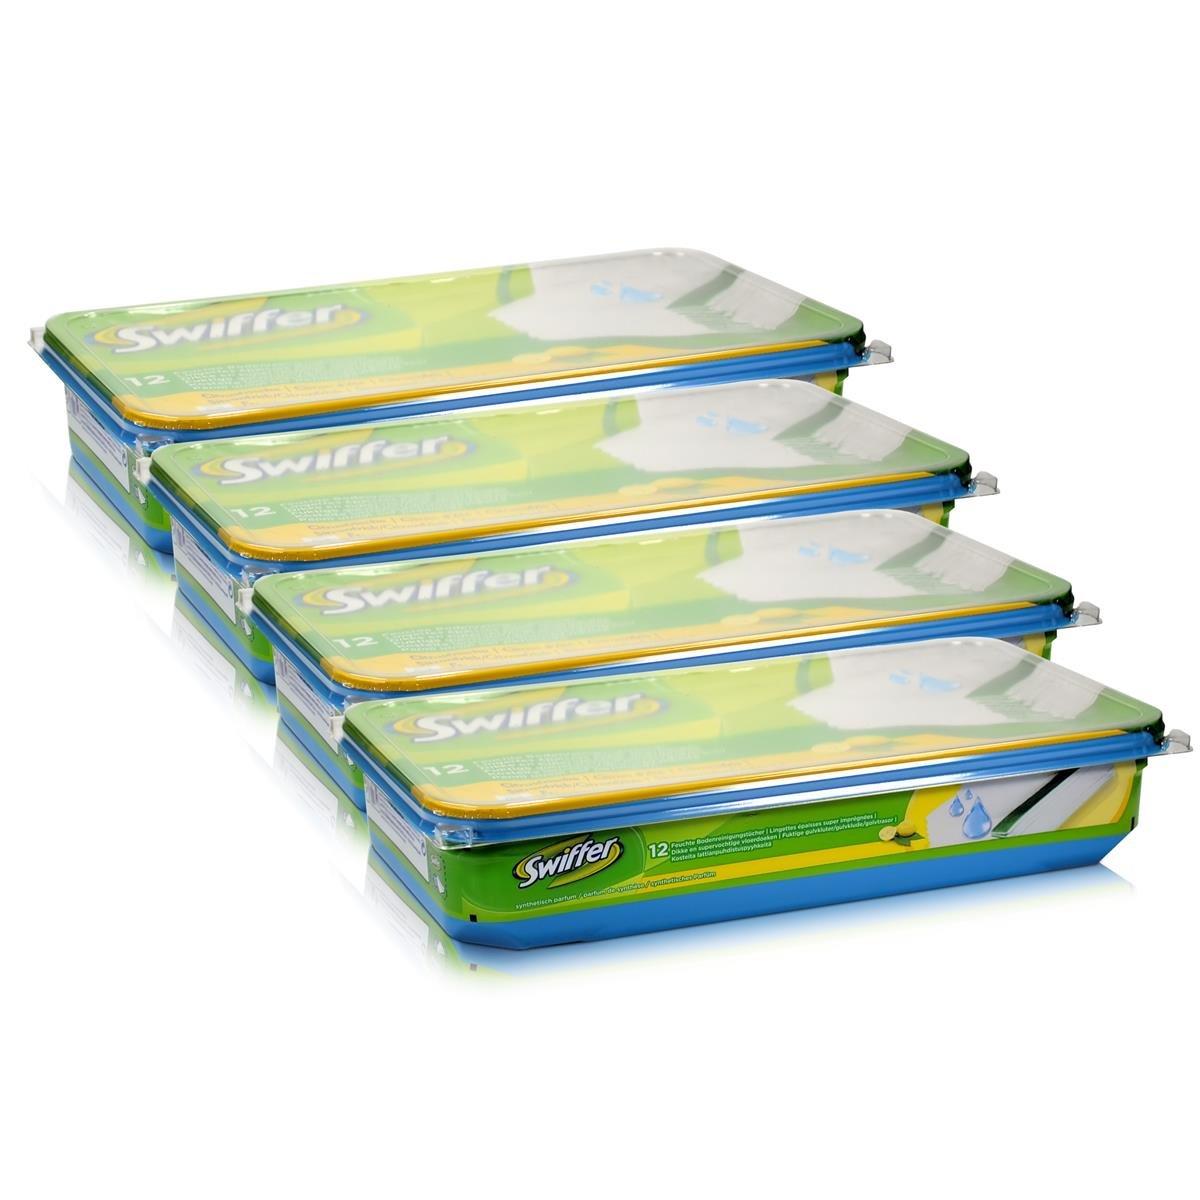 Swiffer 4 confezioni da 12 panni umidificati